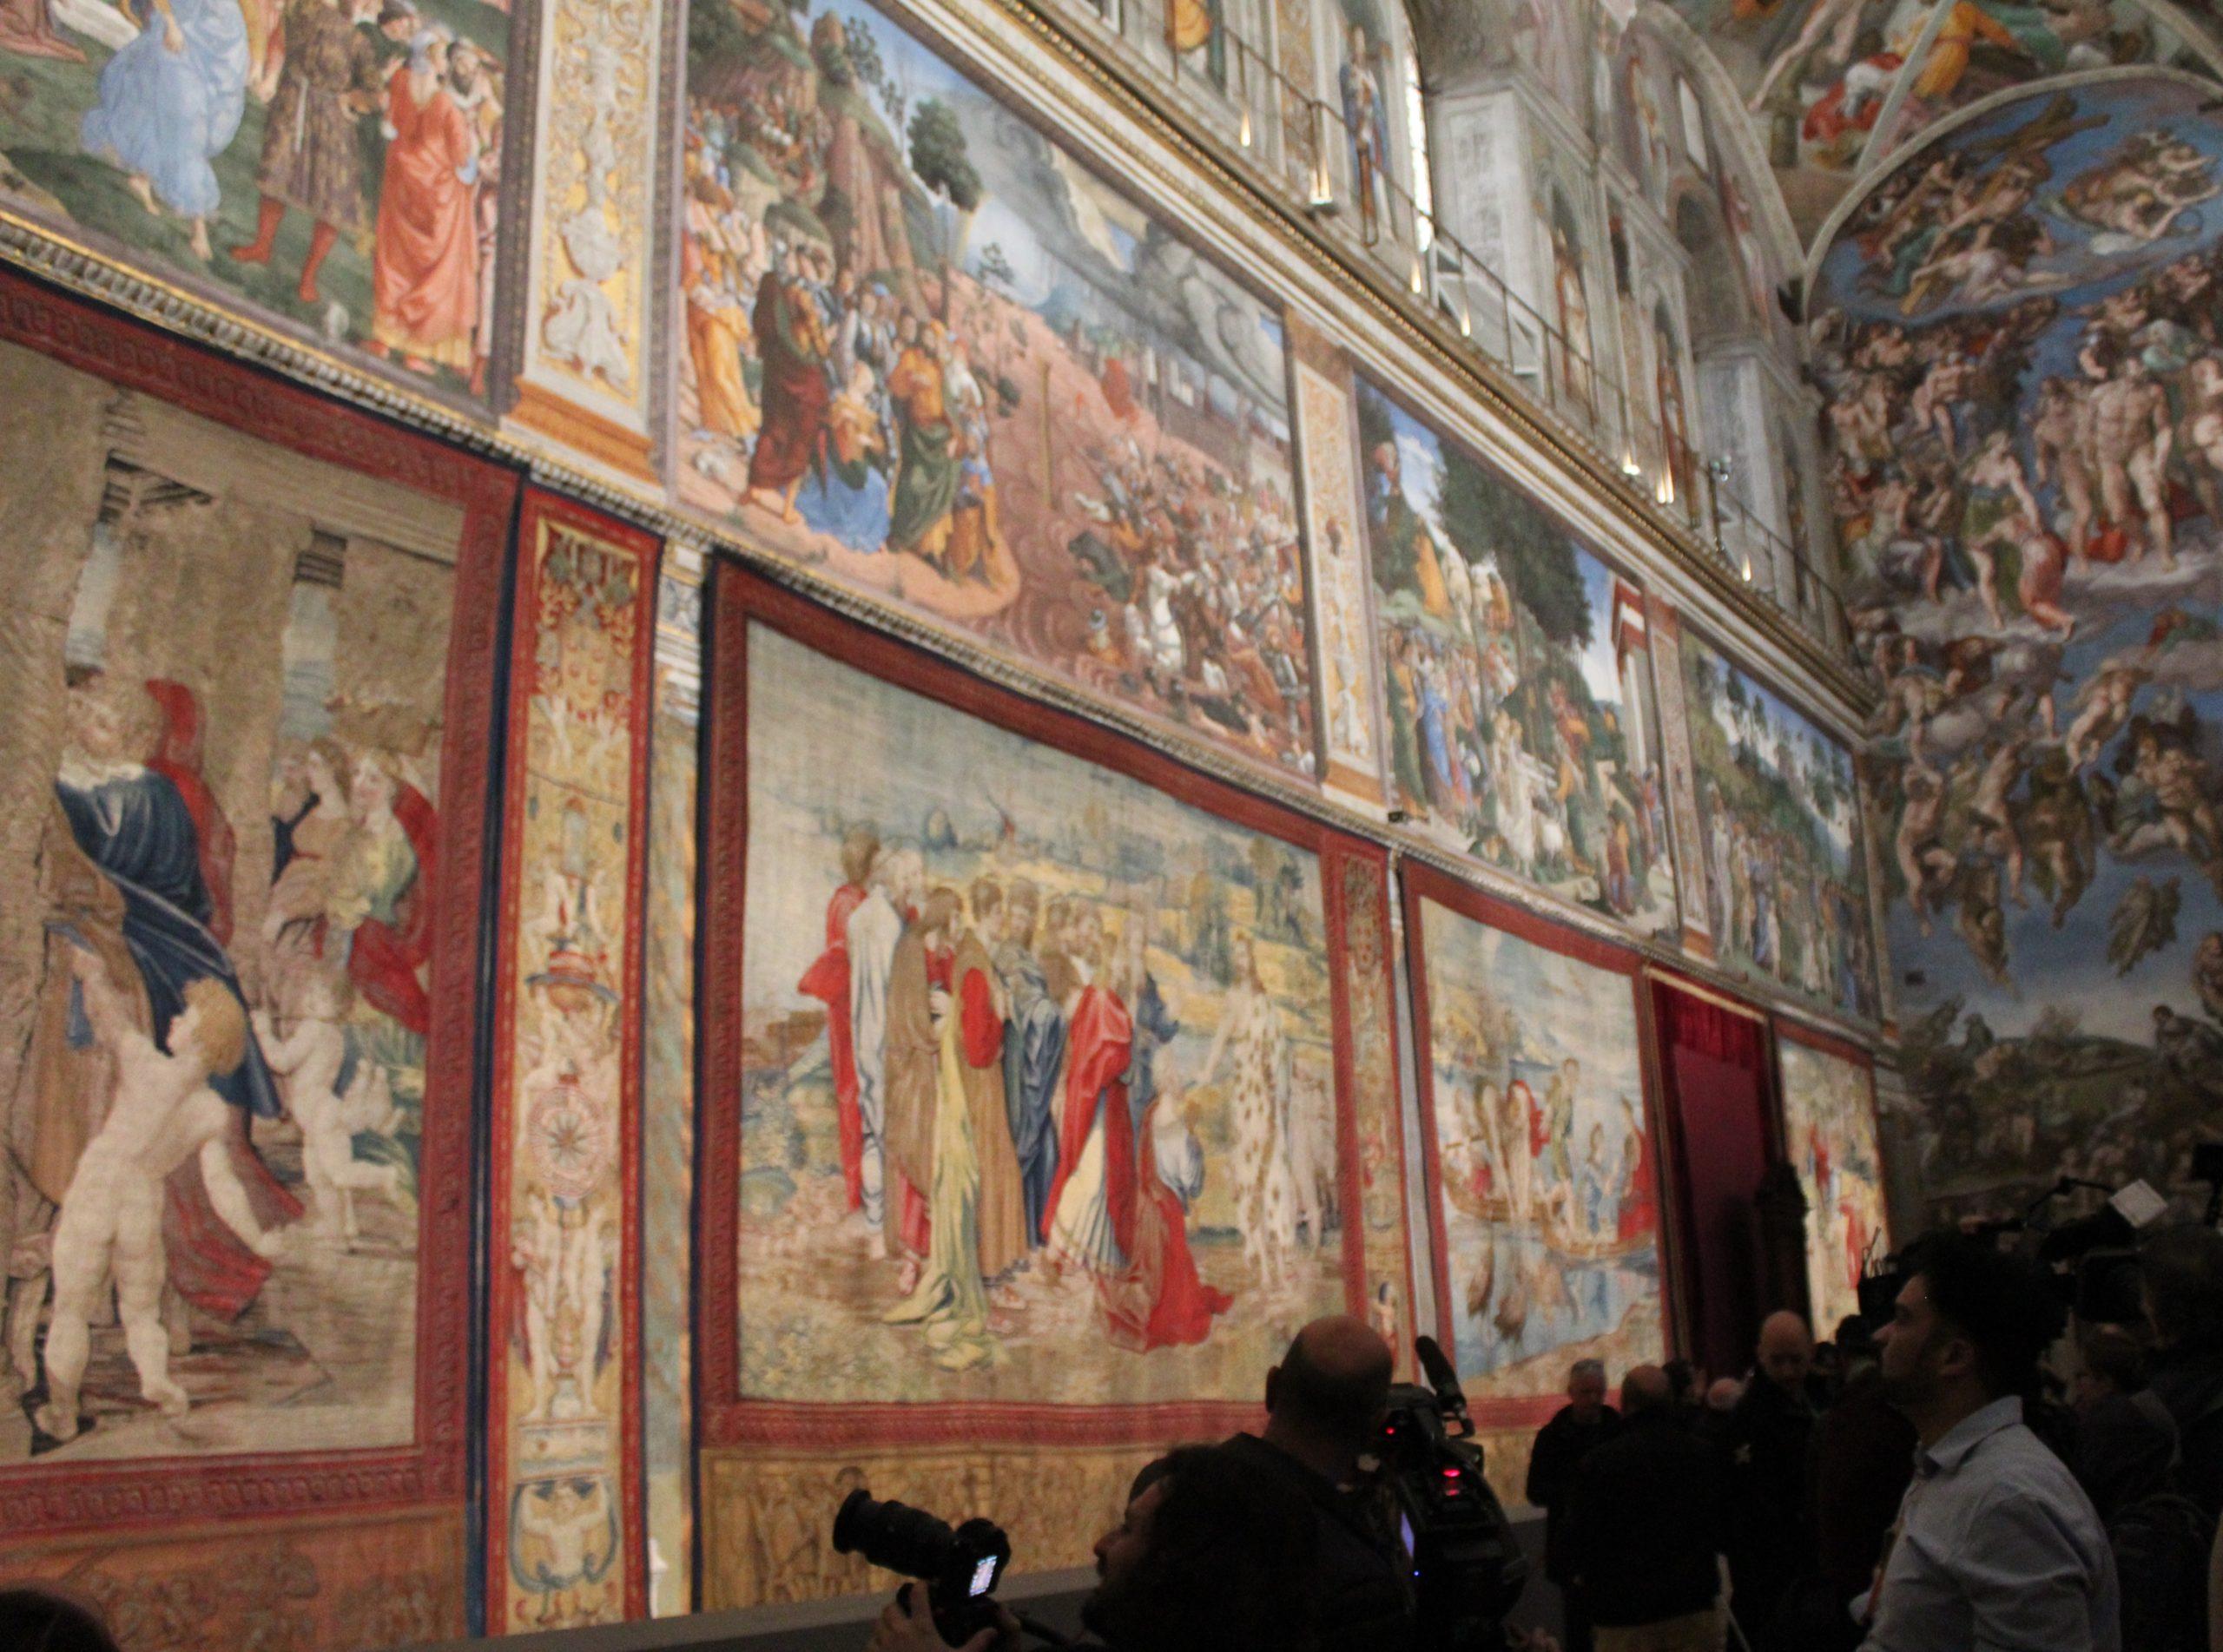 Evento storico. Dopo 400 anni gli Arazzi di Raffaello tornano nella Cappella Sistina